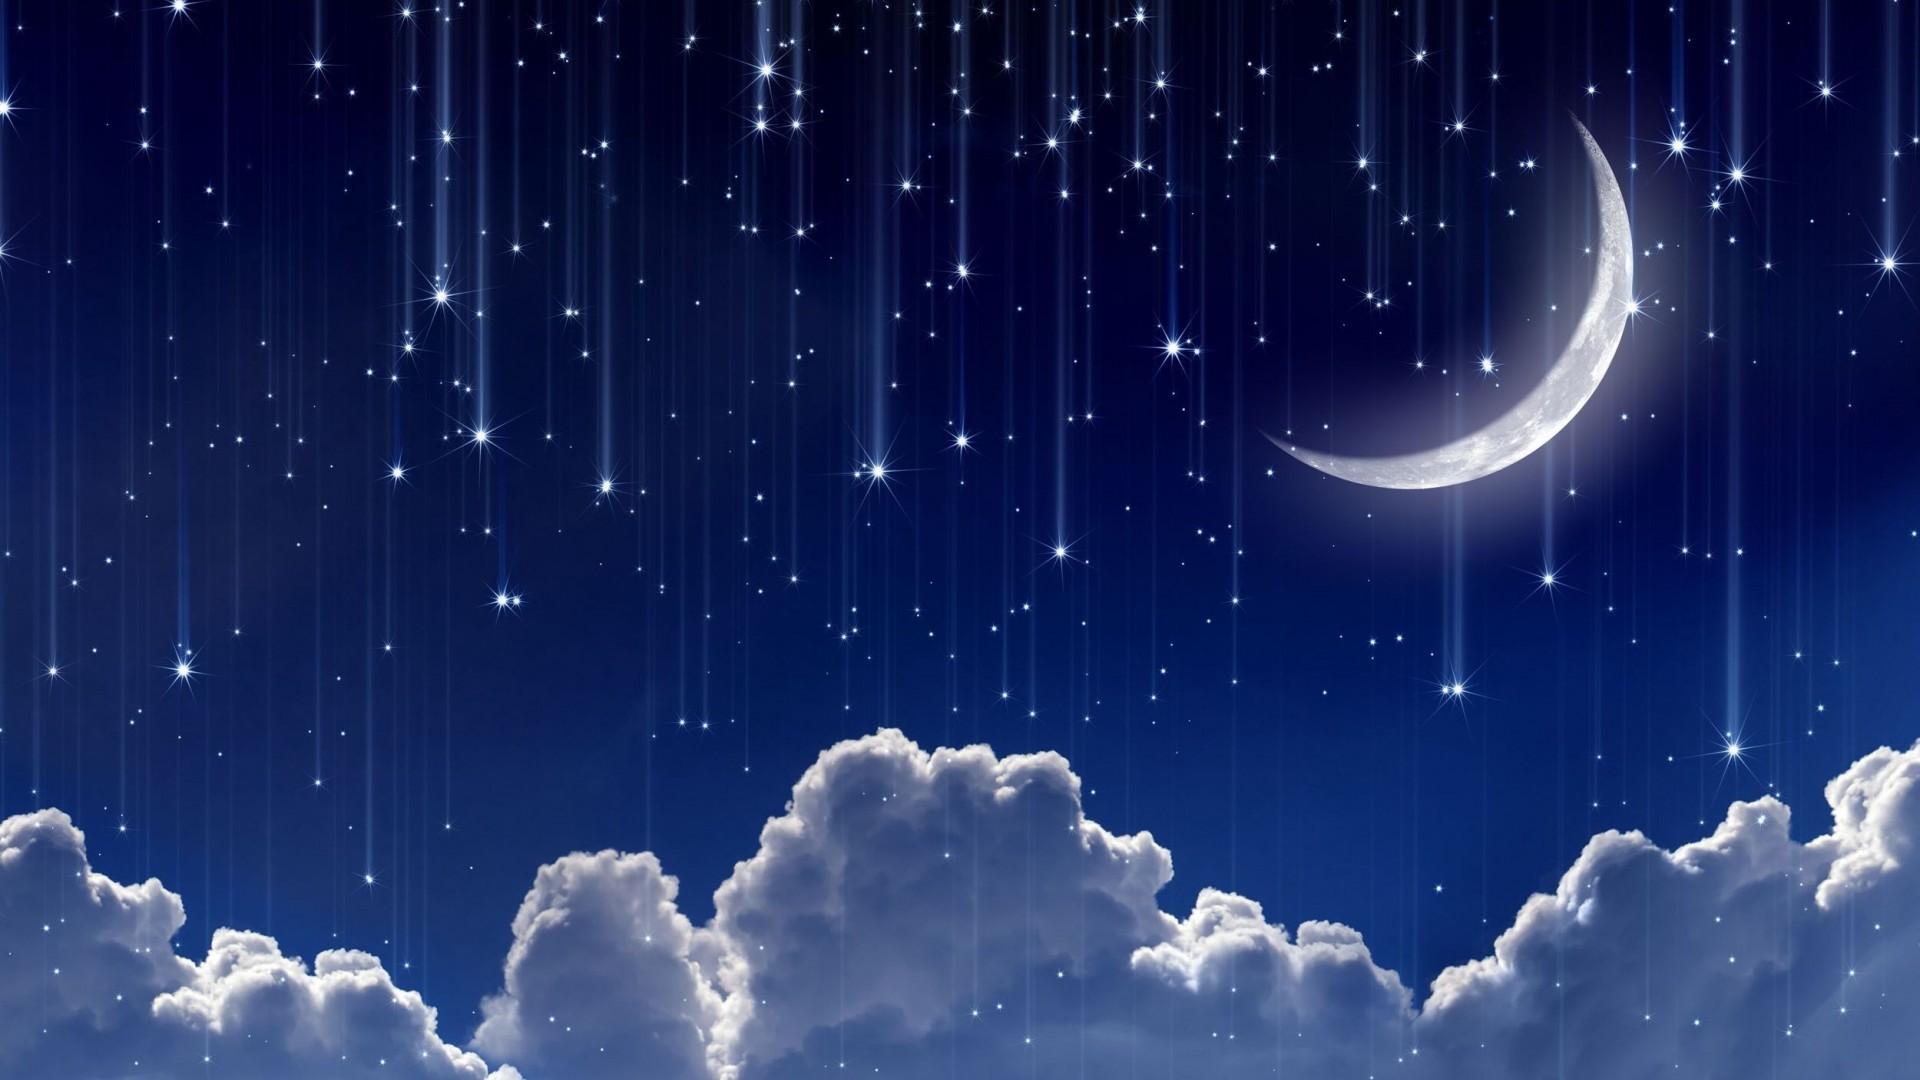 … download wallpaper moon stars night starfall crescent …